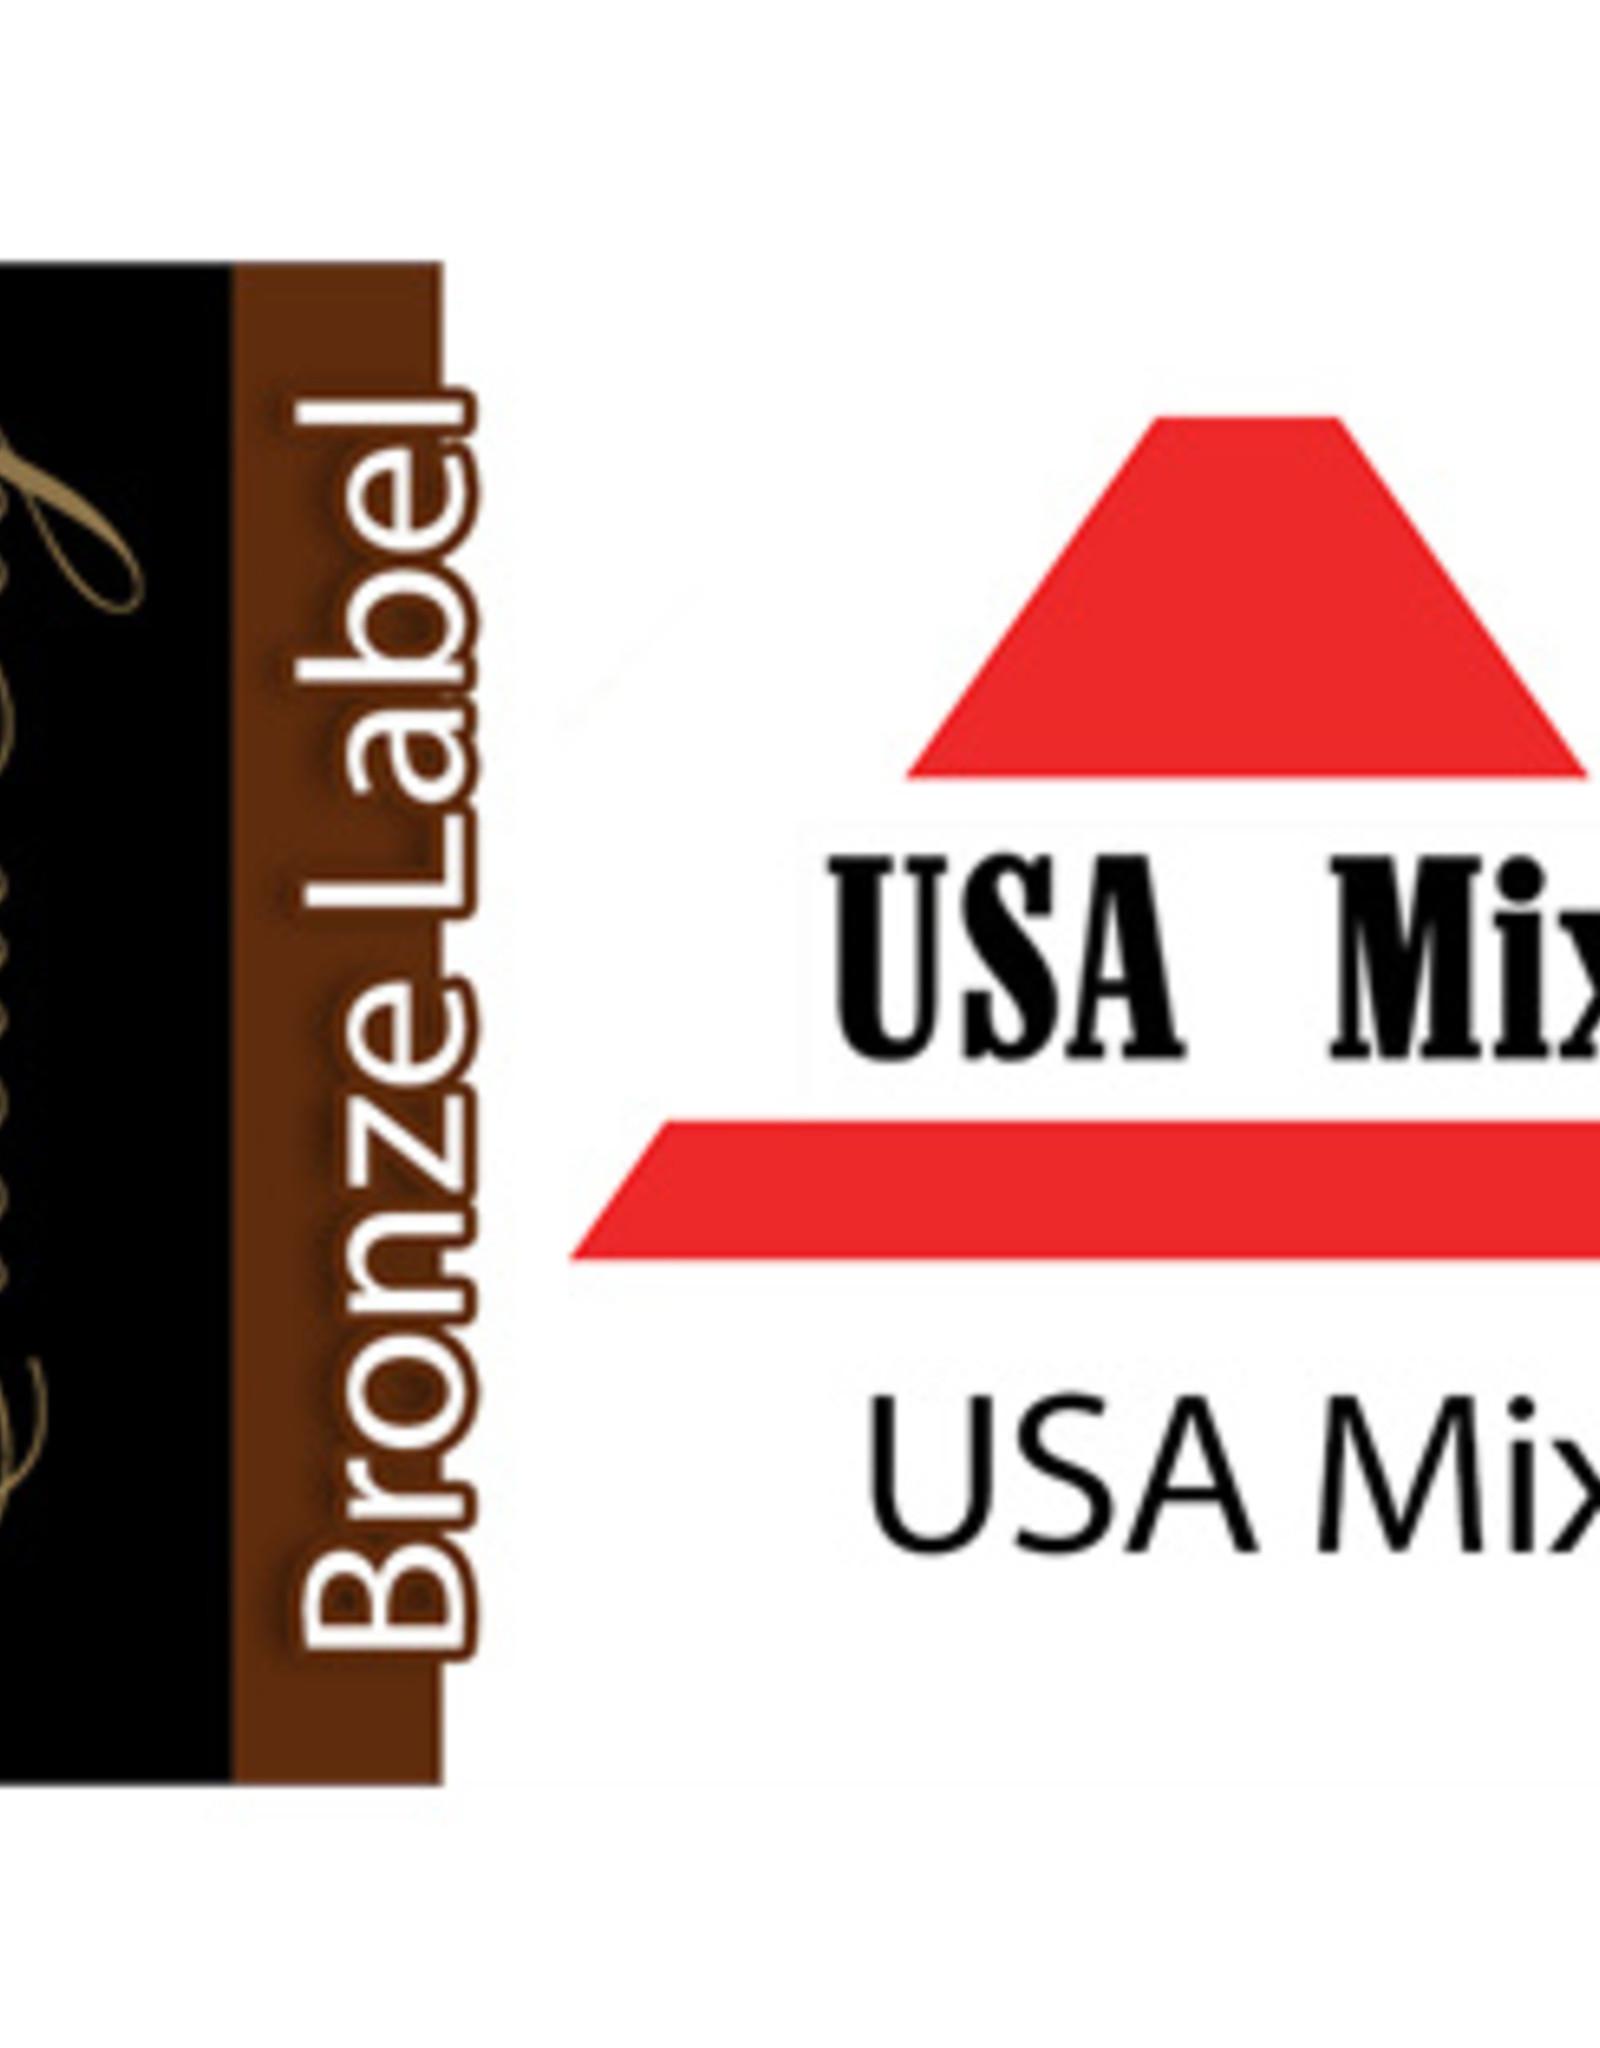 Exclucig Exclucig Bronze Label E-liquid USA Mix 3 mg Nicotine